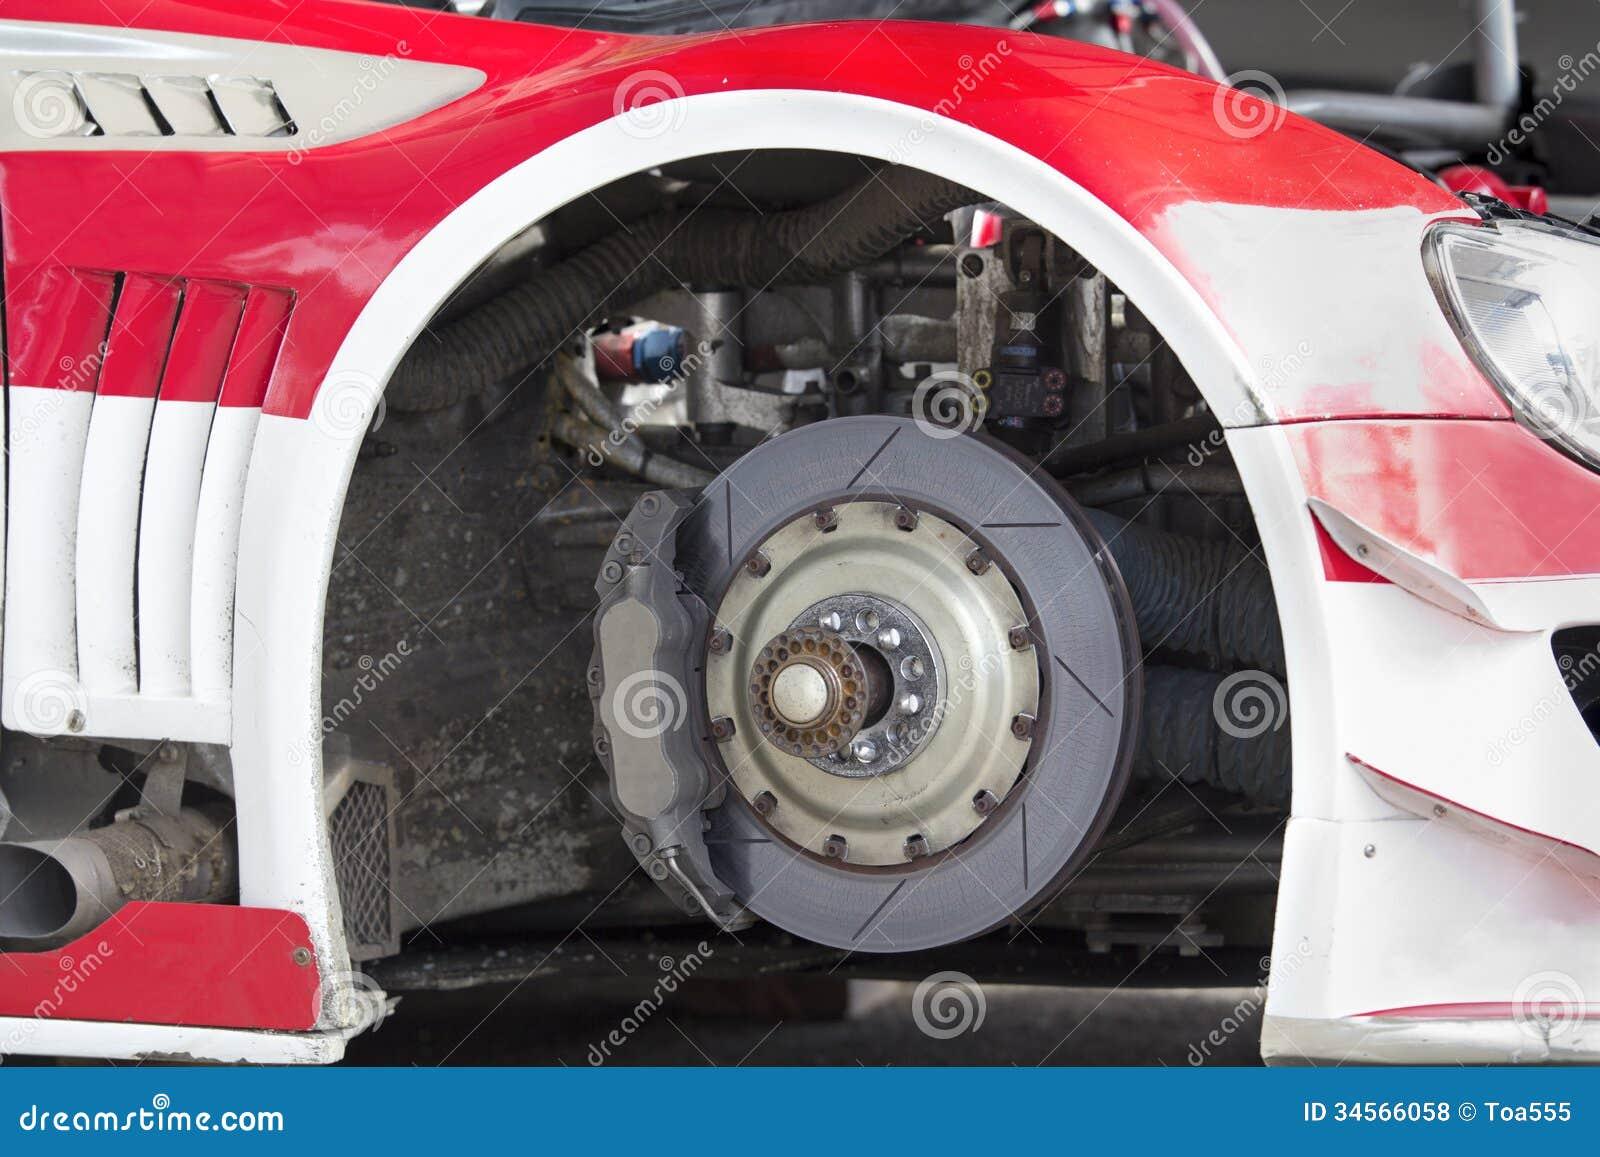 disque de frein de voiture de sport photos libres de droits image 34566058. Black Bedroom Furniture Sets. Home Design Ideas